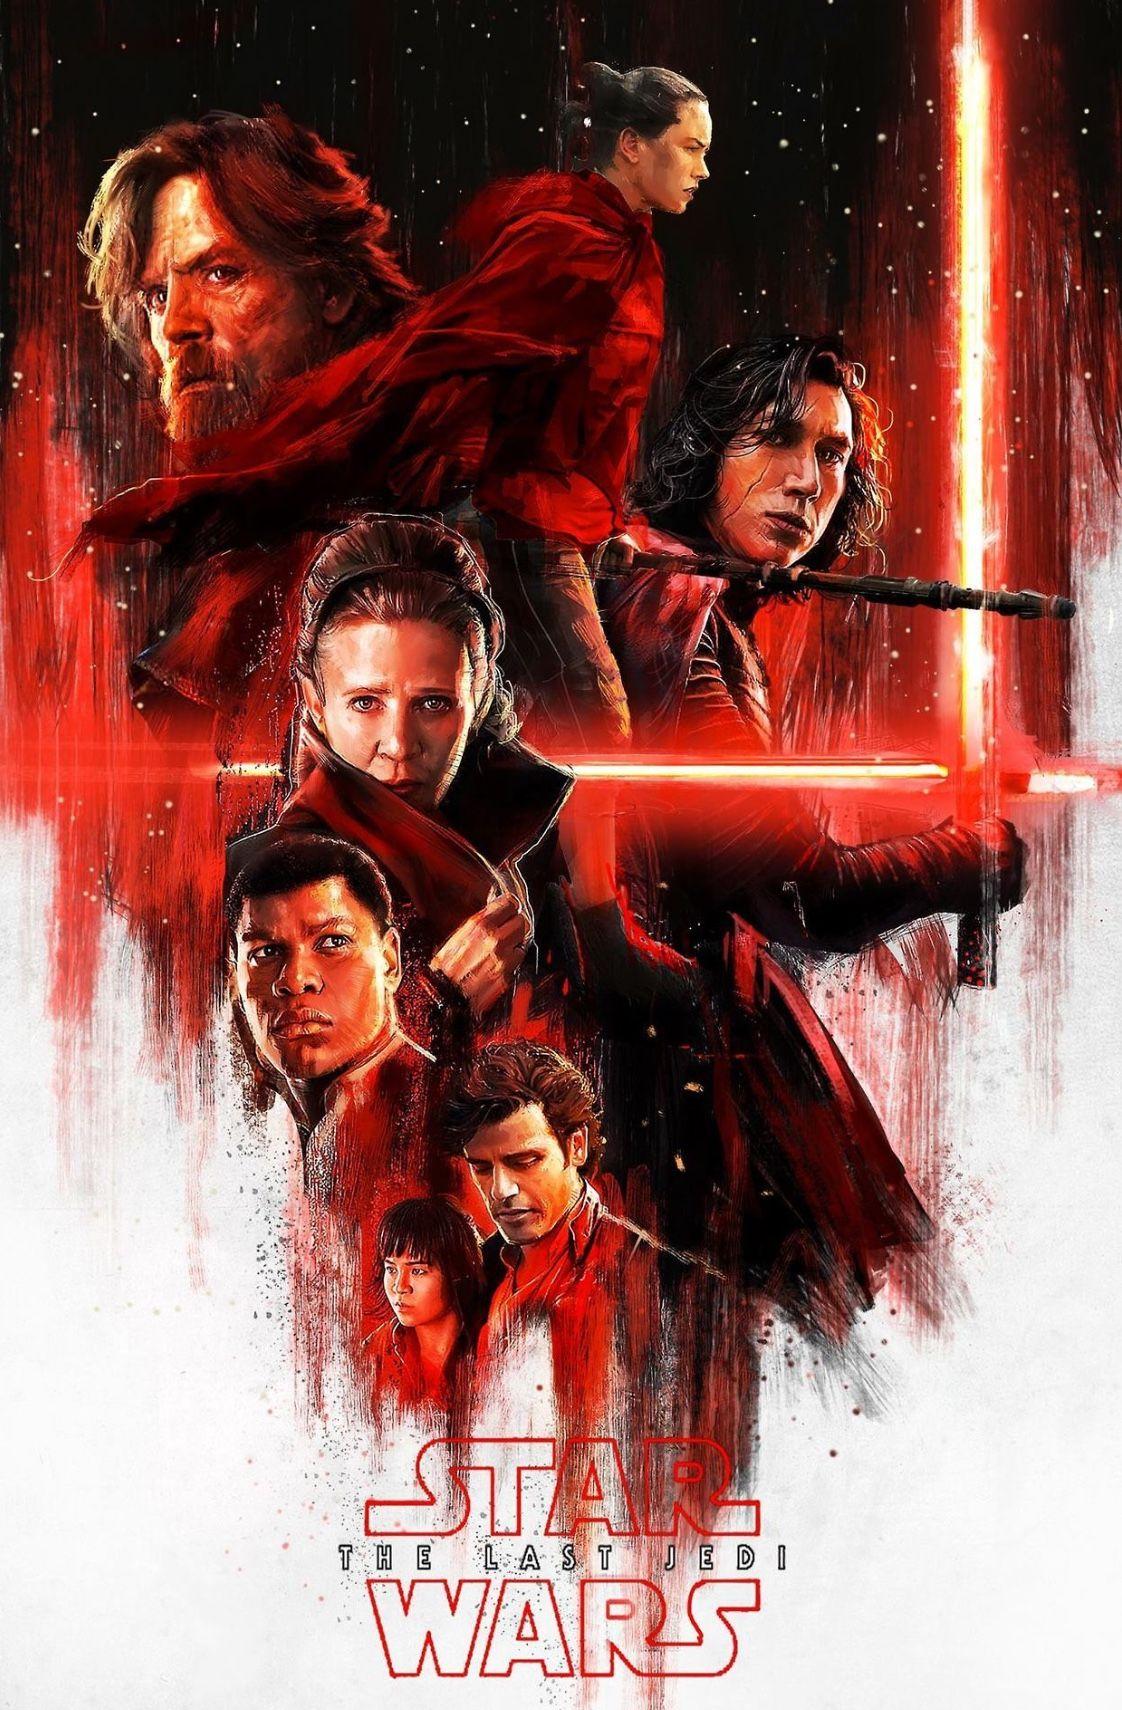 Star Wars The Last Jedi Star Wars Poster Star Wars Art Star Wars Wallpaper